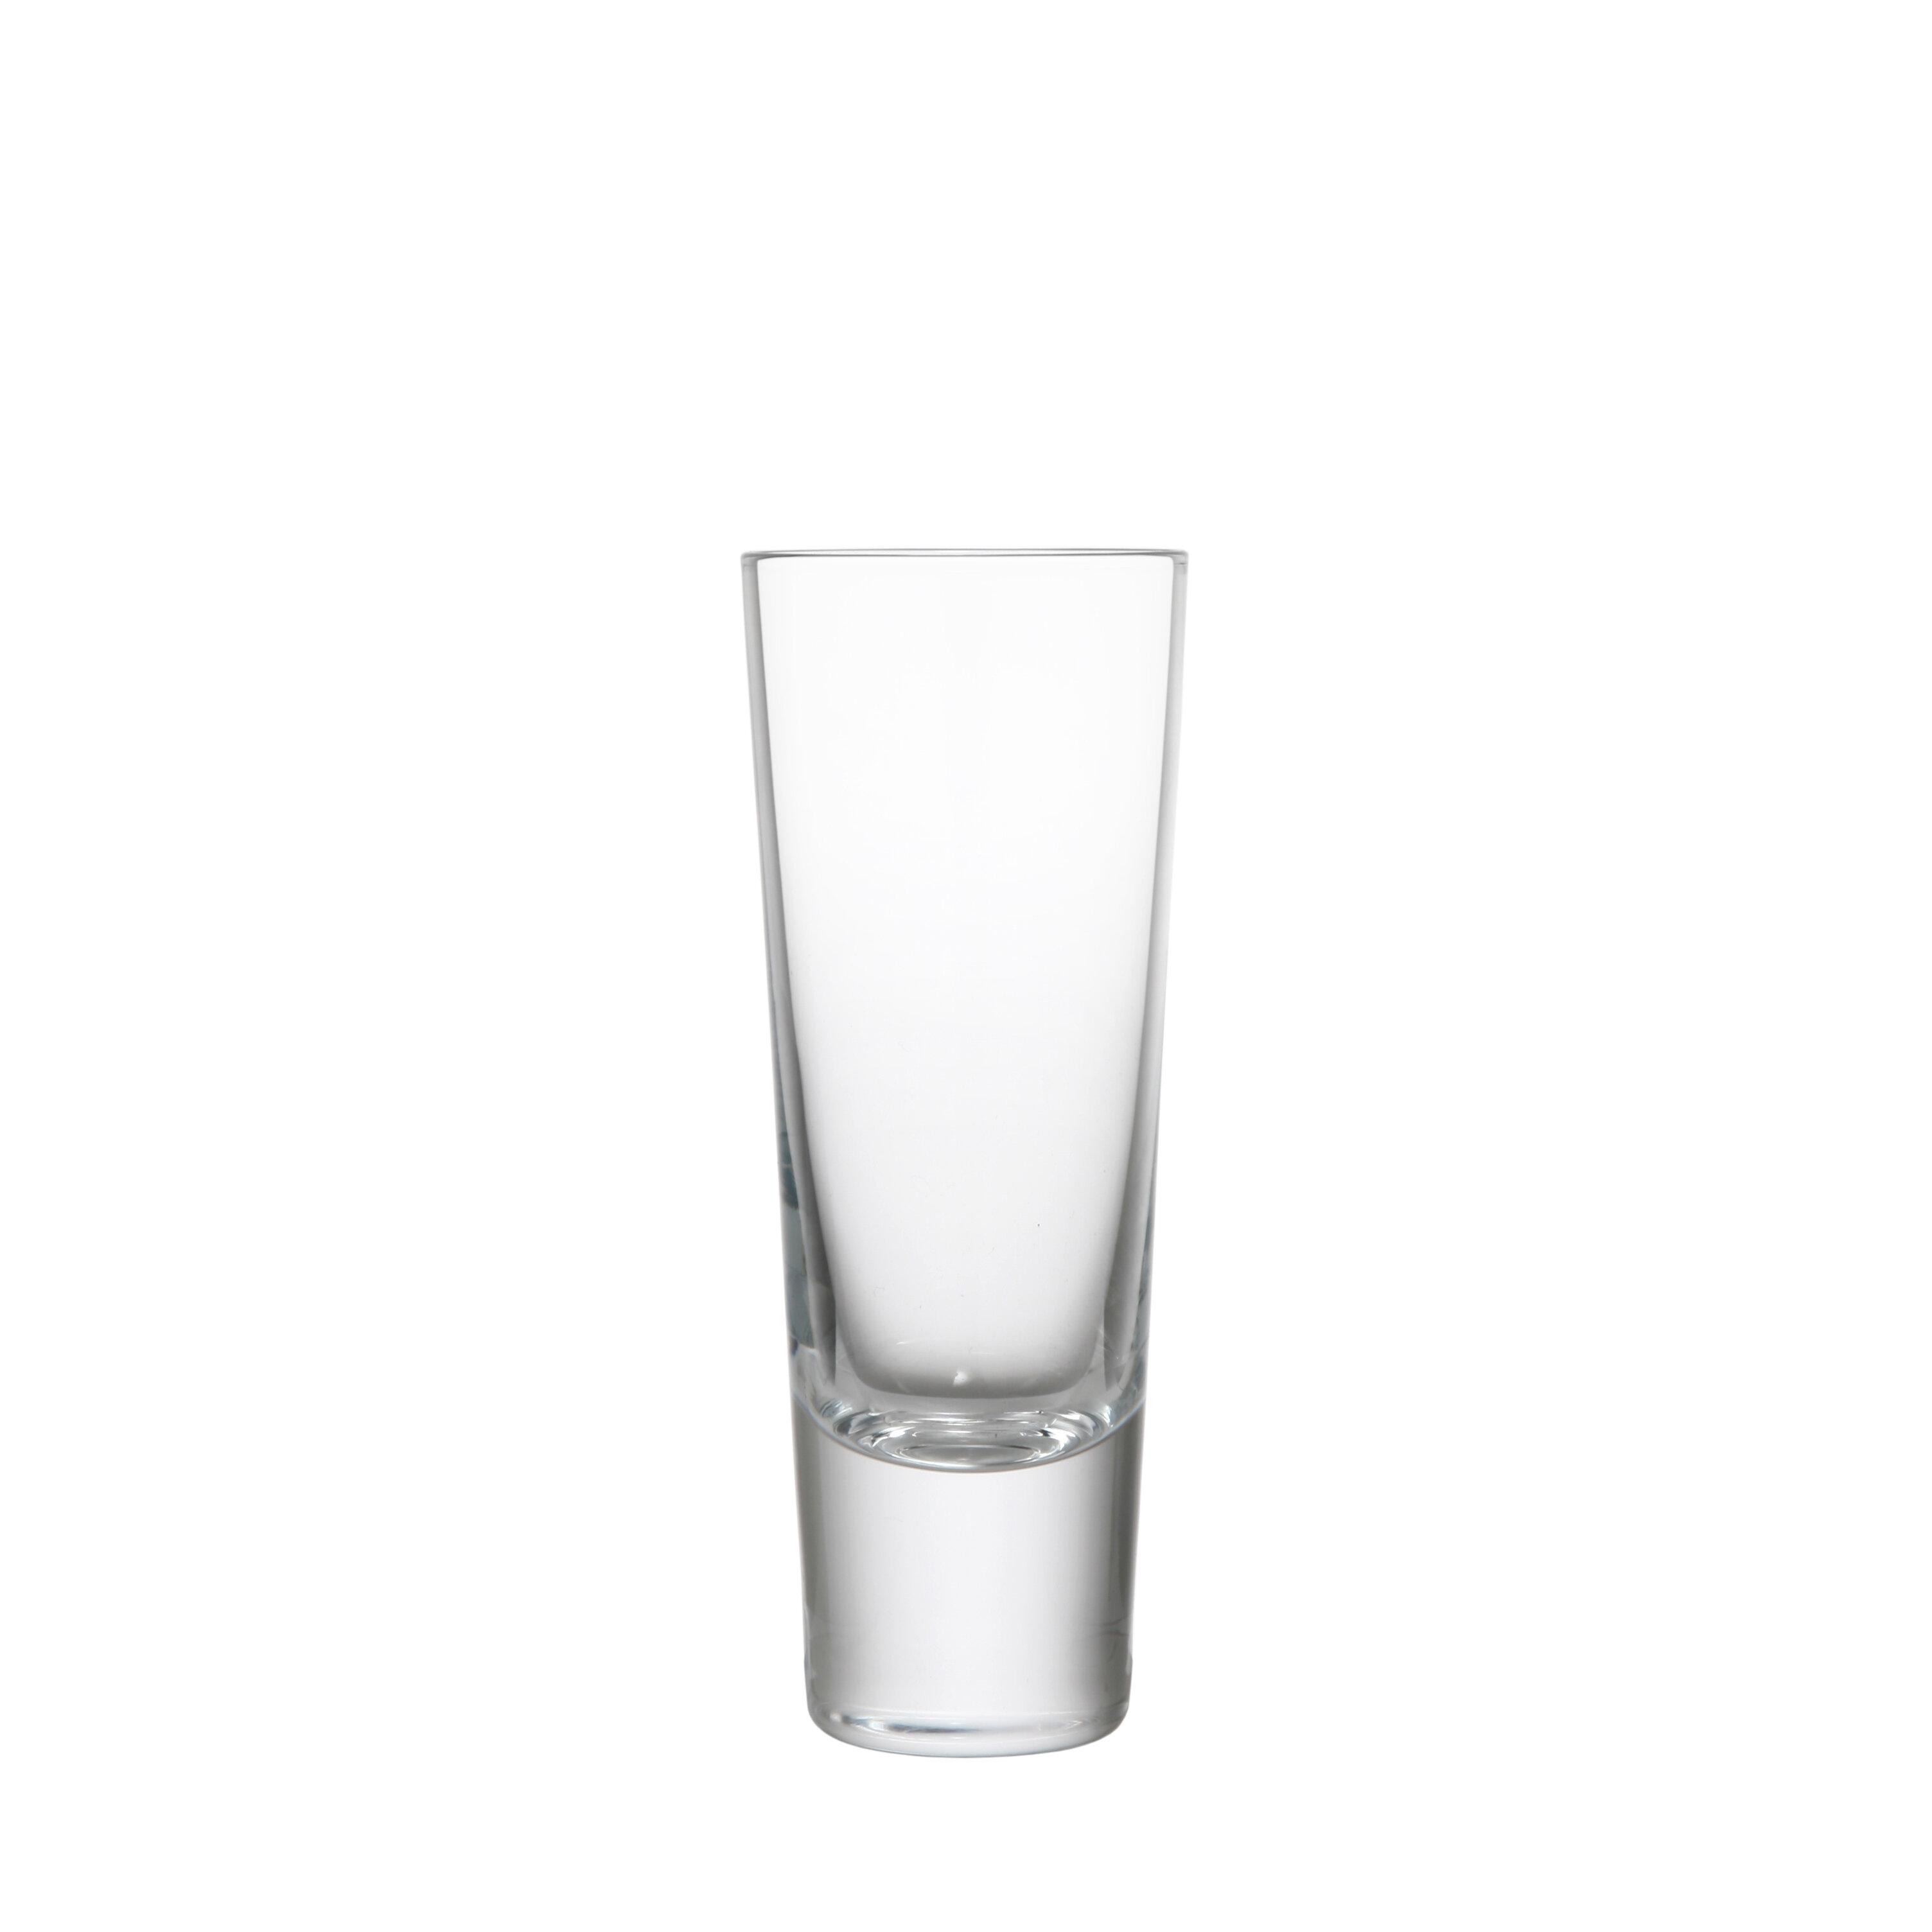 Schott Zwiesel Tossa 5 Oz Shot Glass Wayfair